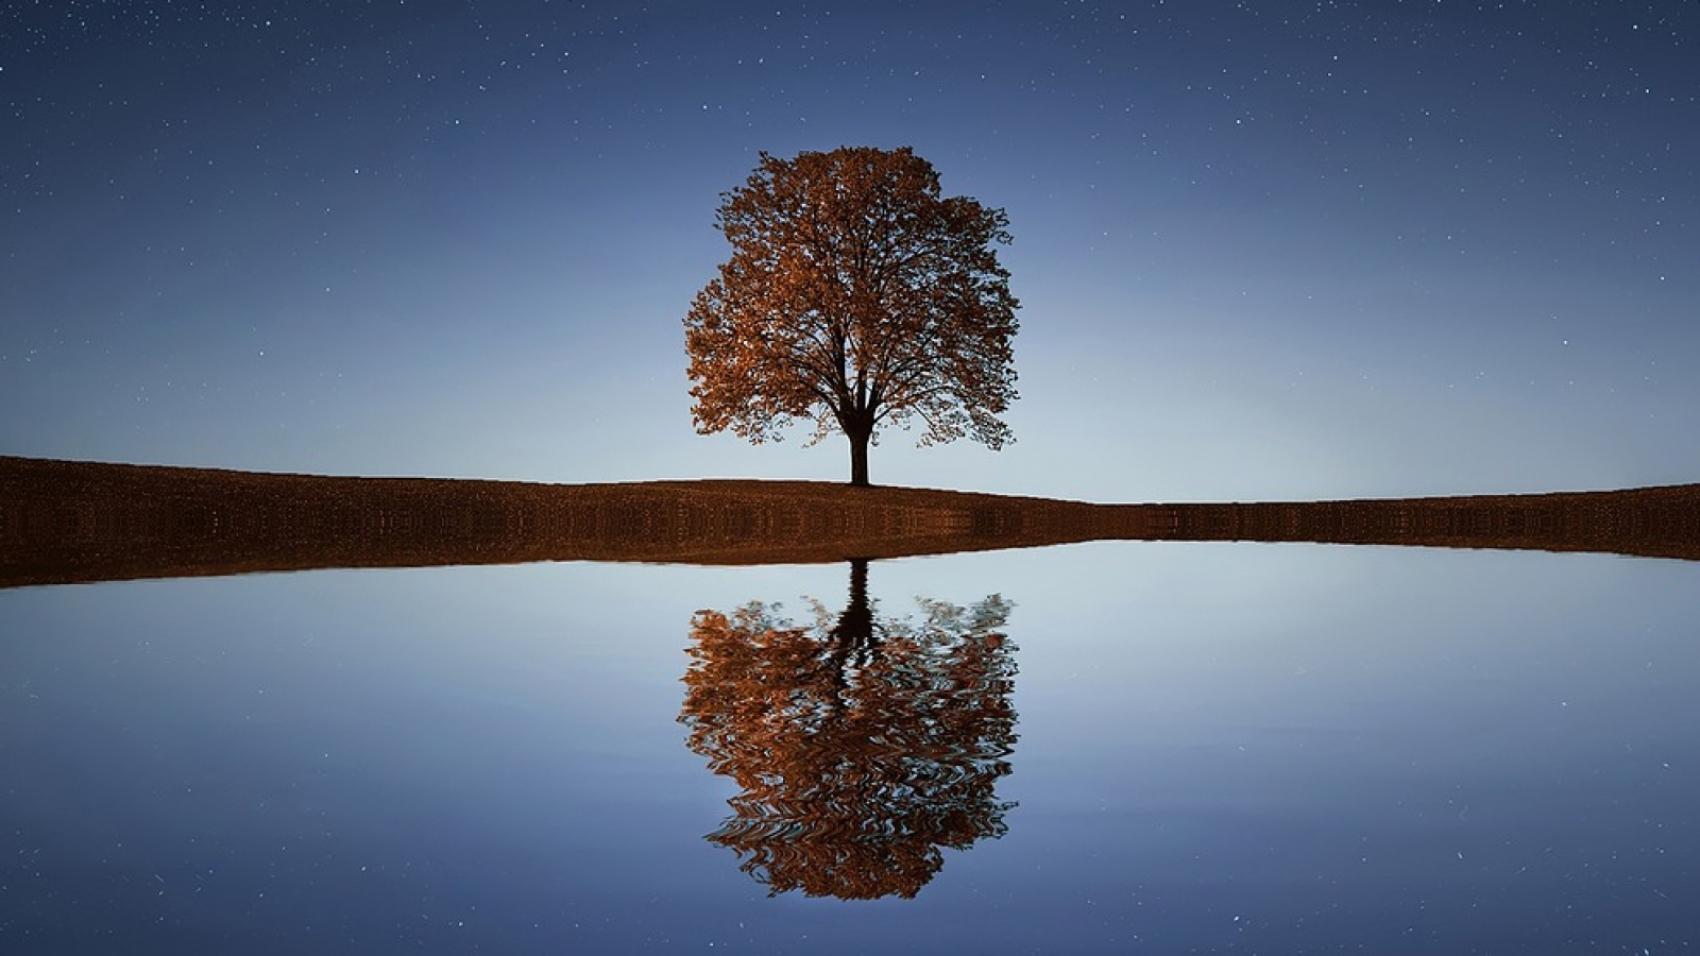 tree-838667_1280-1-1600x900